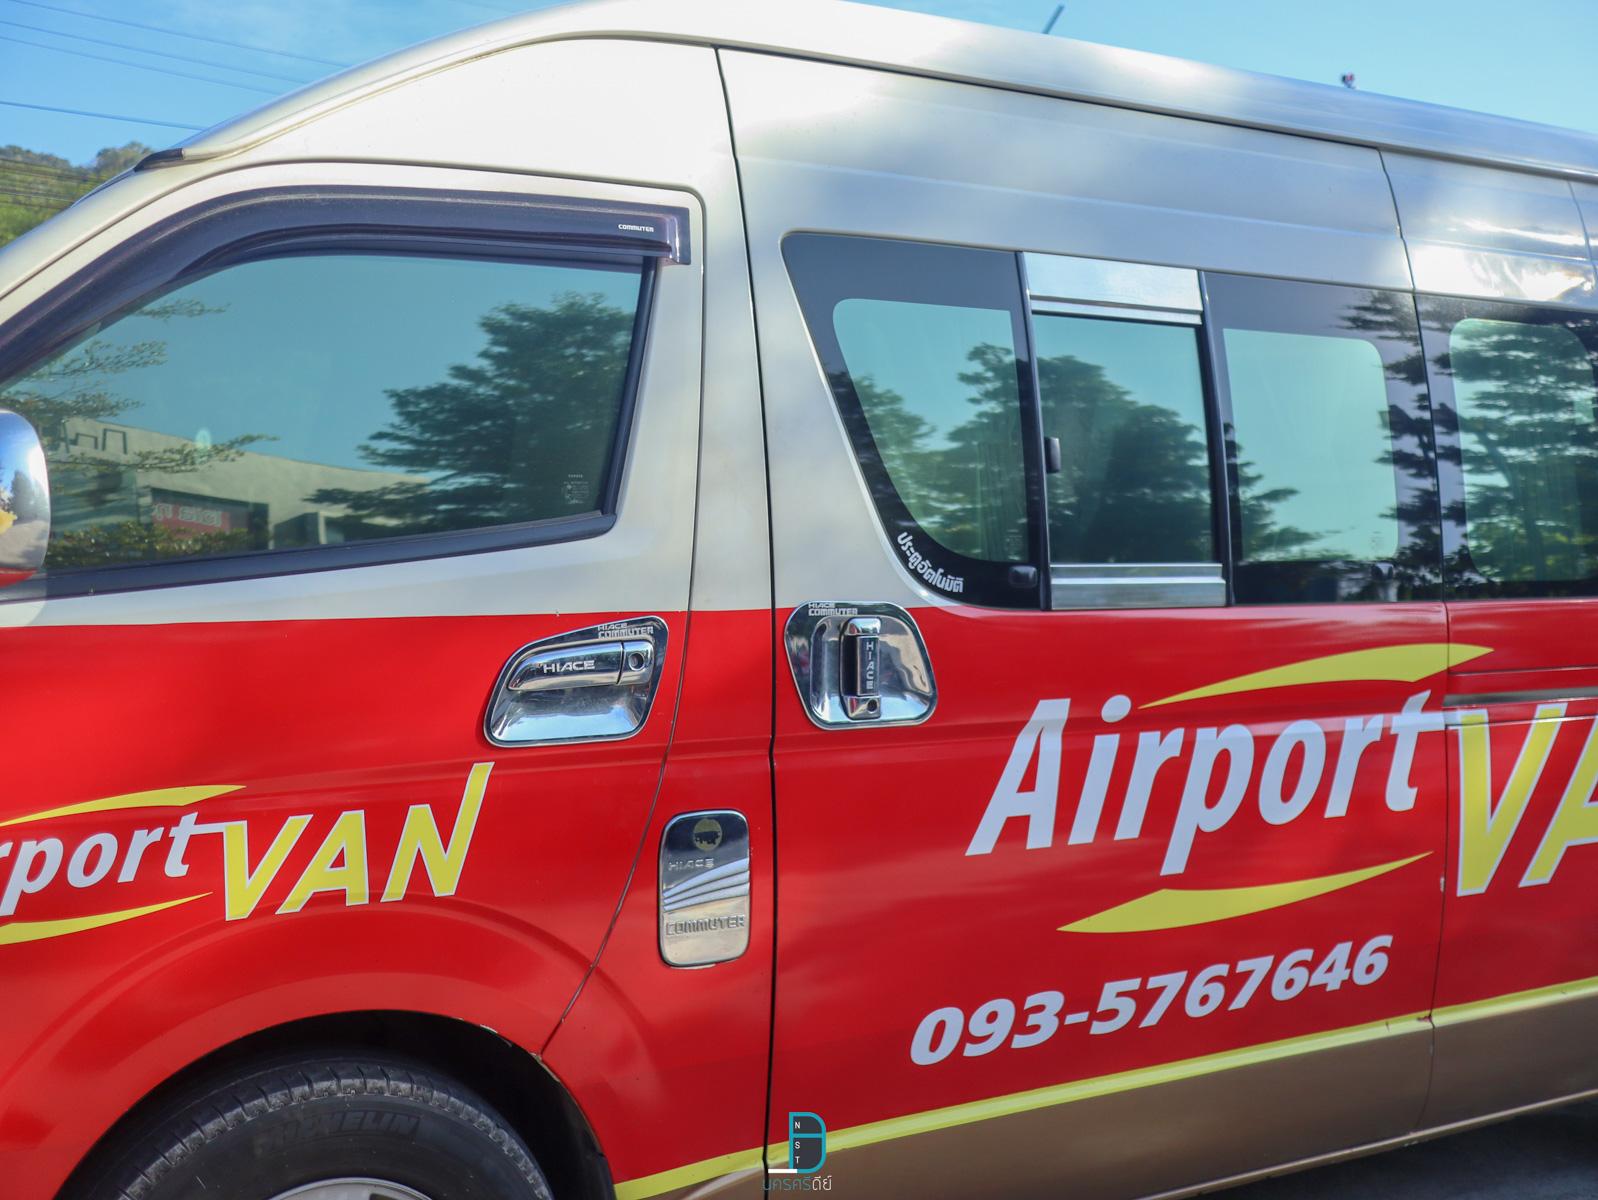 รับส่งสนามบิน,นครศรีธรรมราช,รถตู้,vip,ทุ่งสง,สนามบิน,ท่องเที่ยว,เมืองคอน,ไม้หลา,ร่อนพิบูลย์